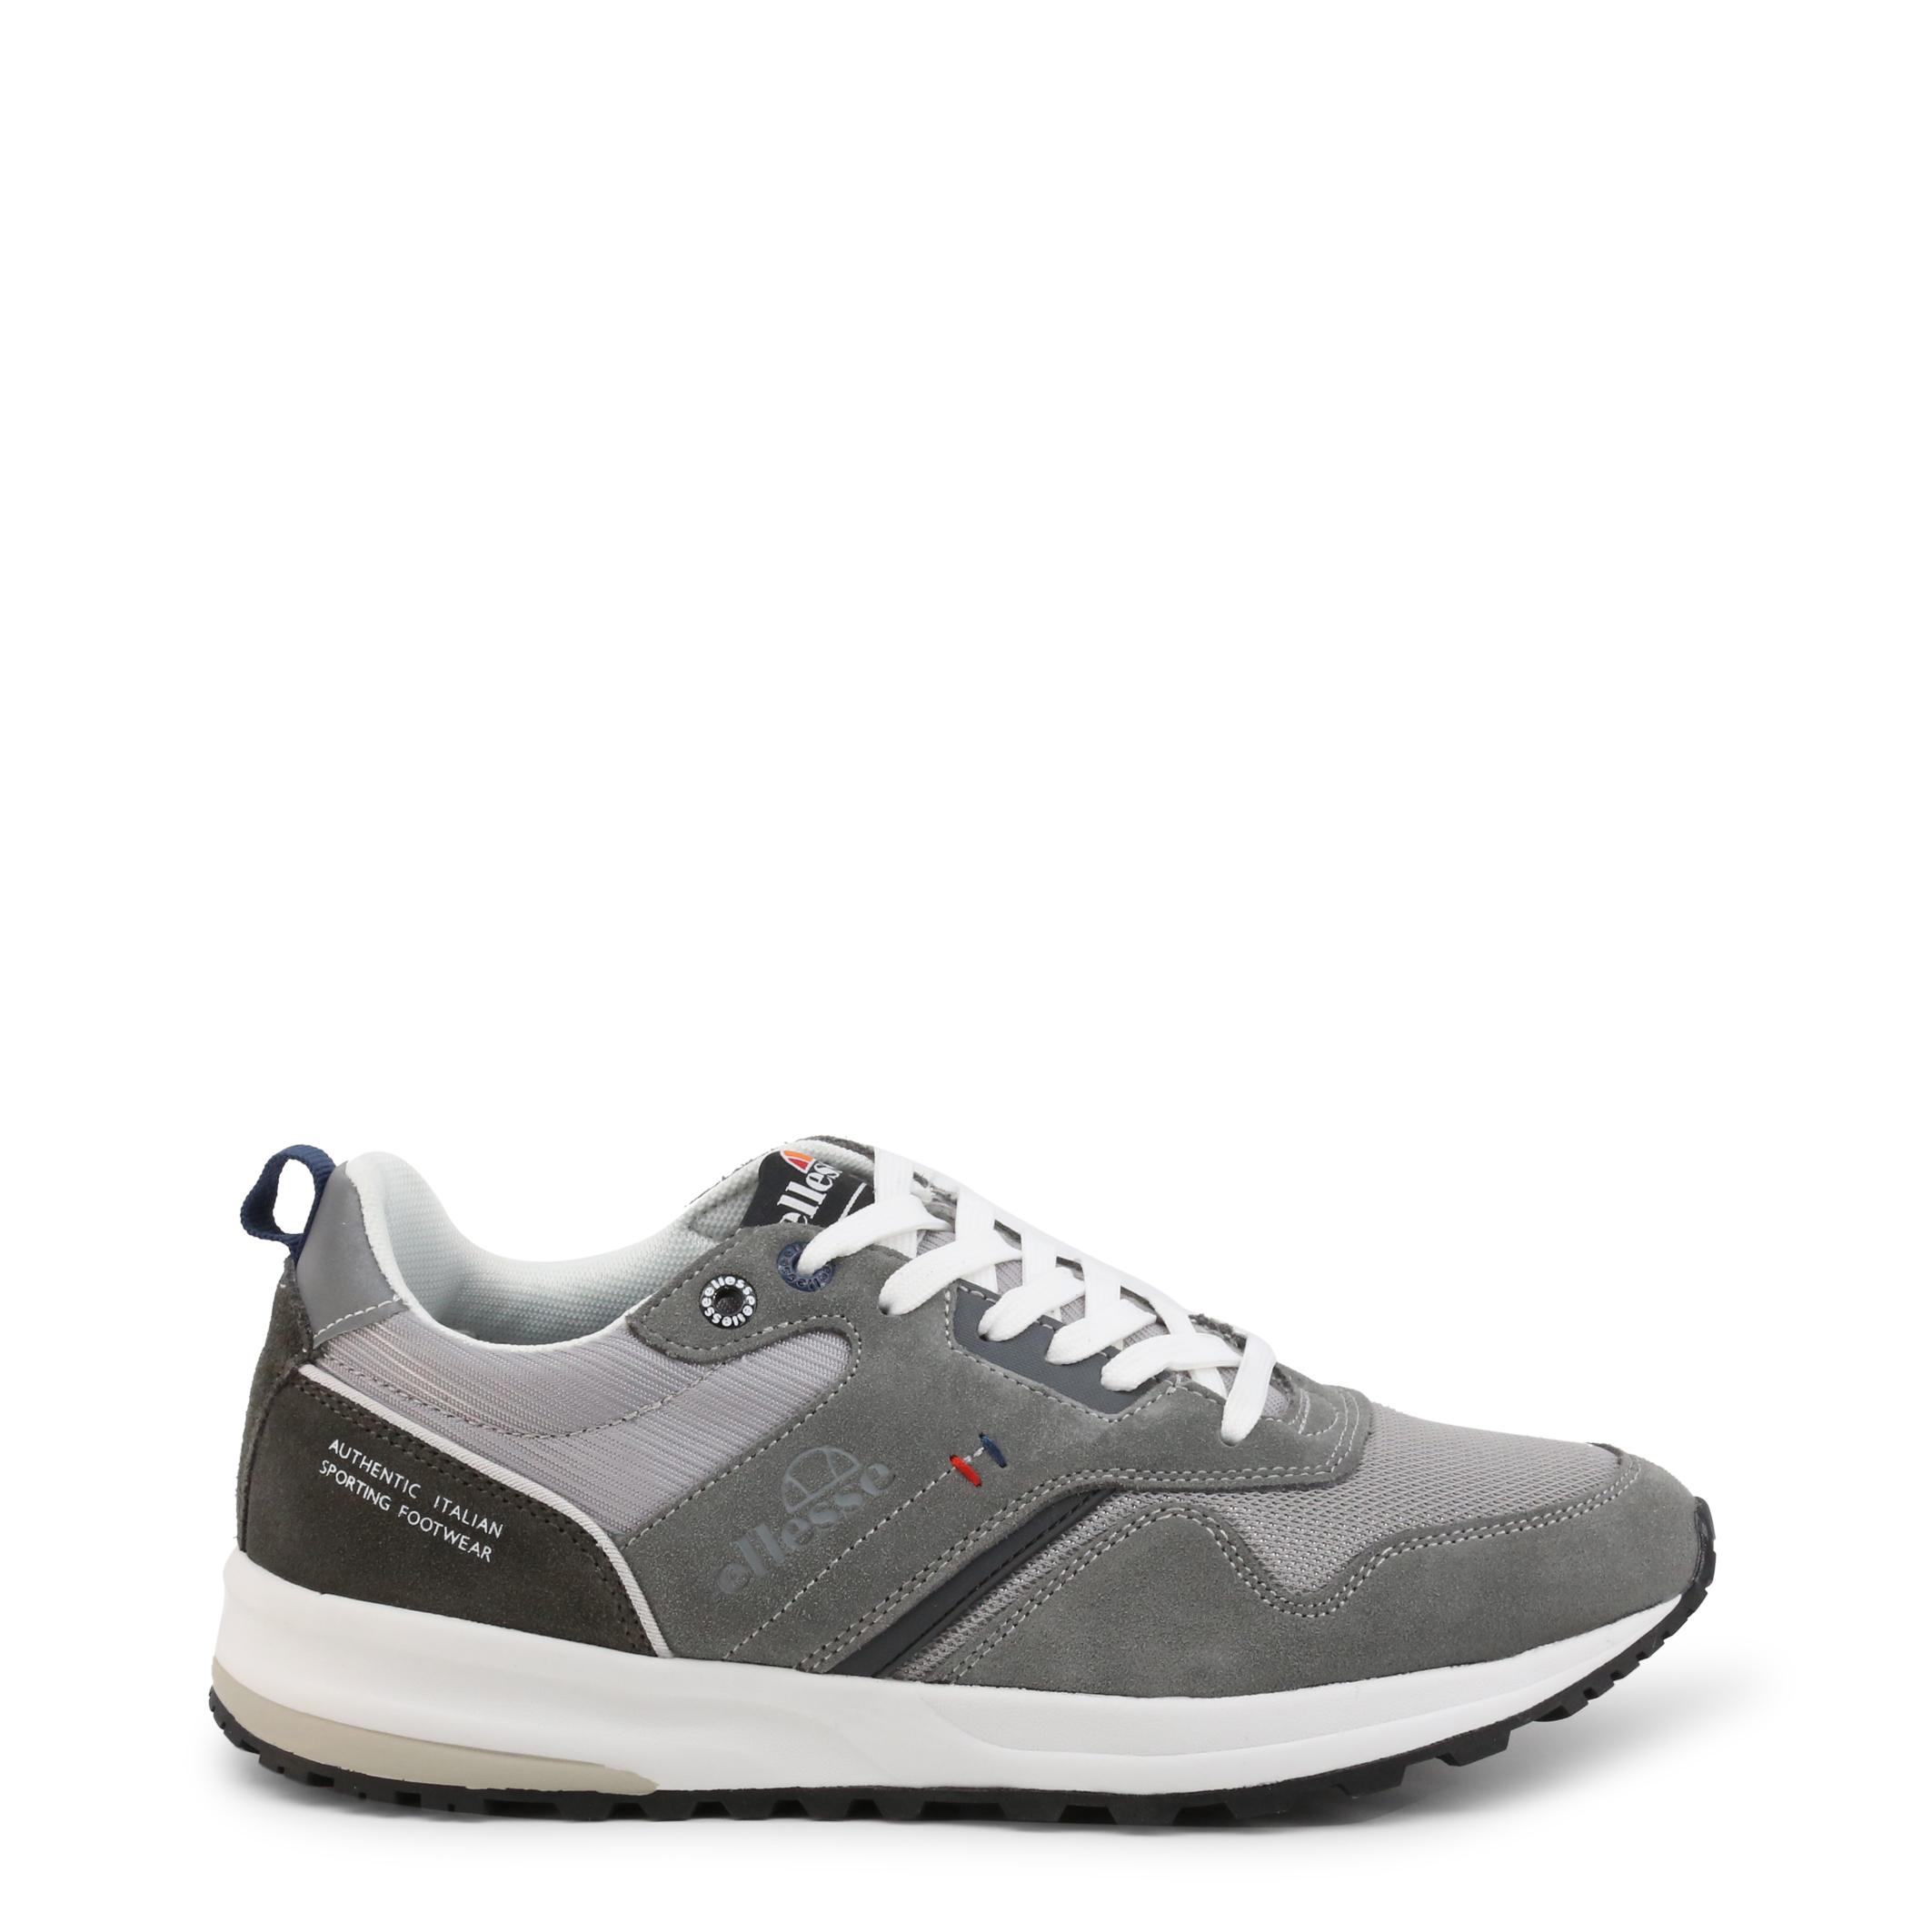 Ellesse - EL11M60408 - Grey